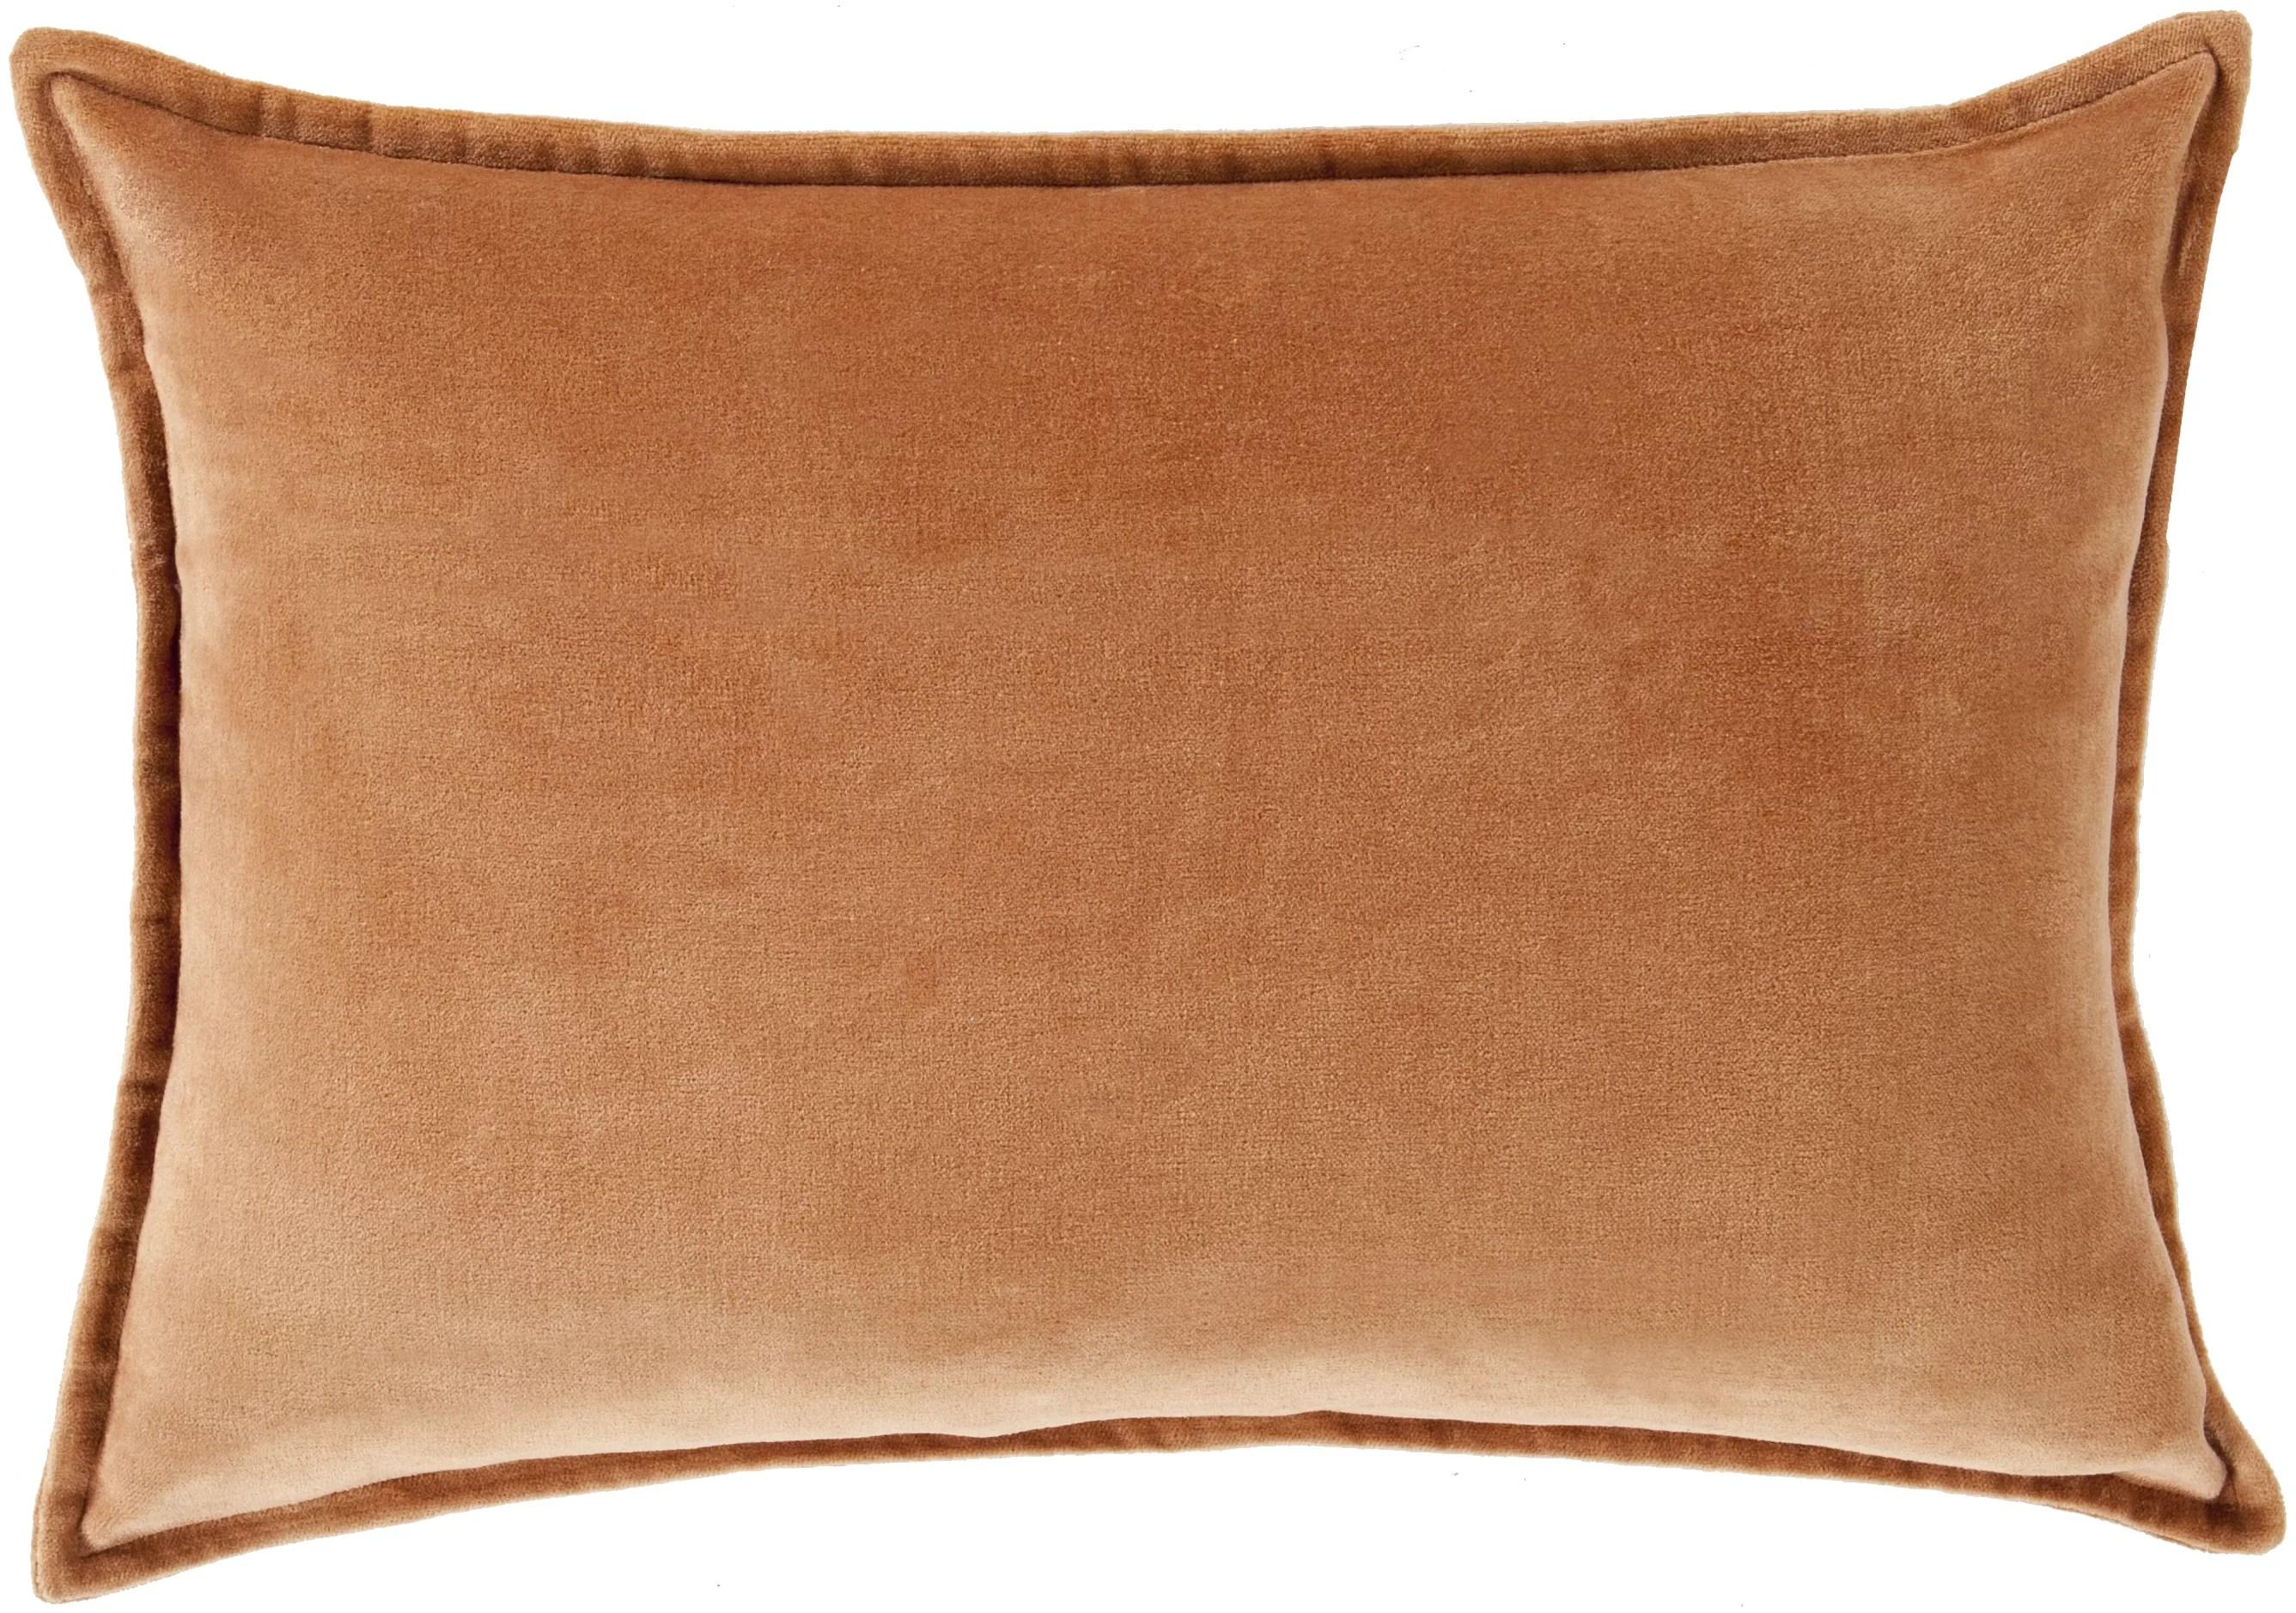 orange throw pillows free shipping